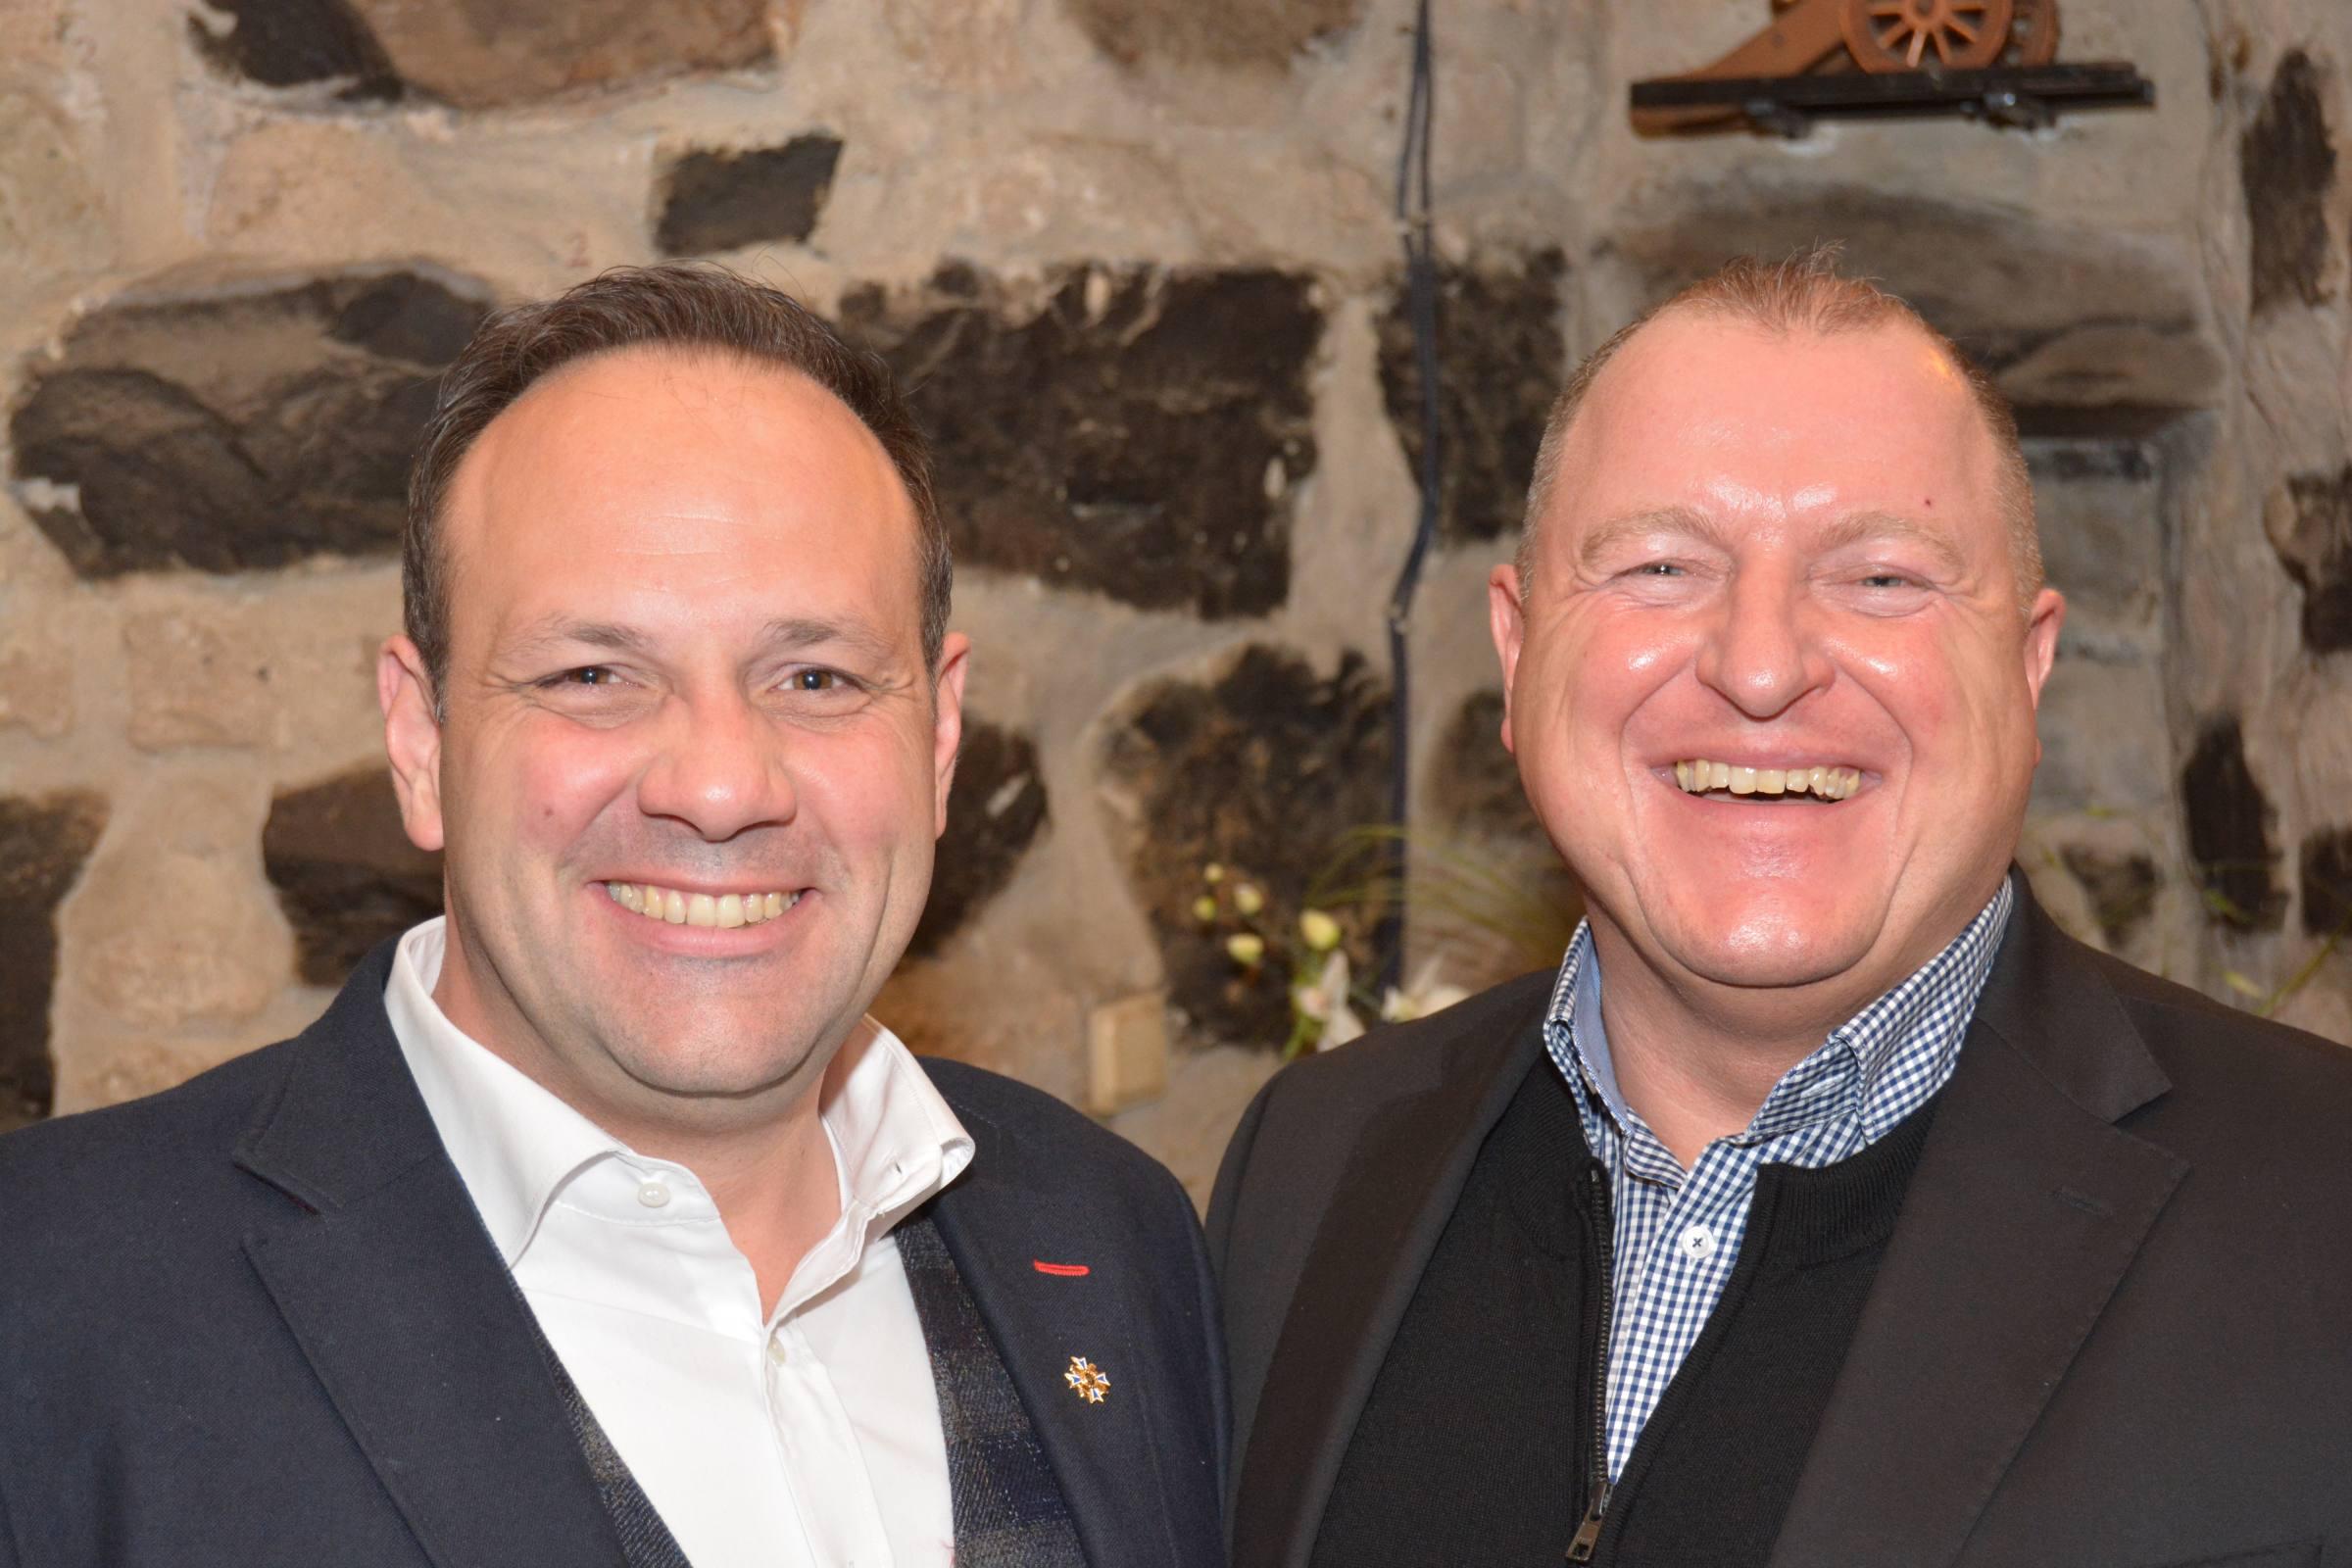 Armin Hoffmann und Björn Griesemann, Vizepräsident und Präsident der Blaue Funken